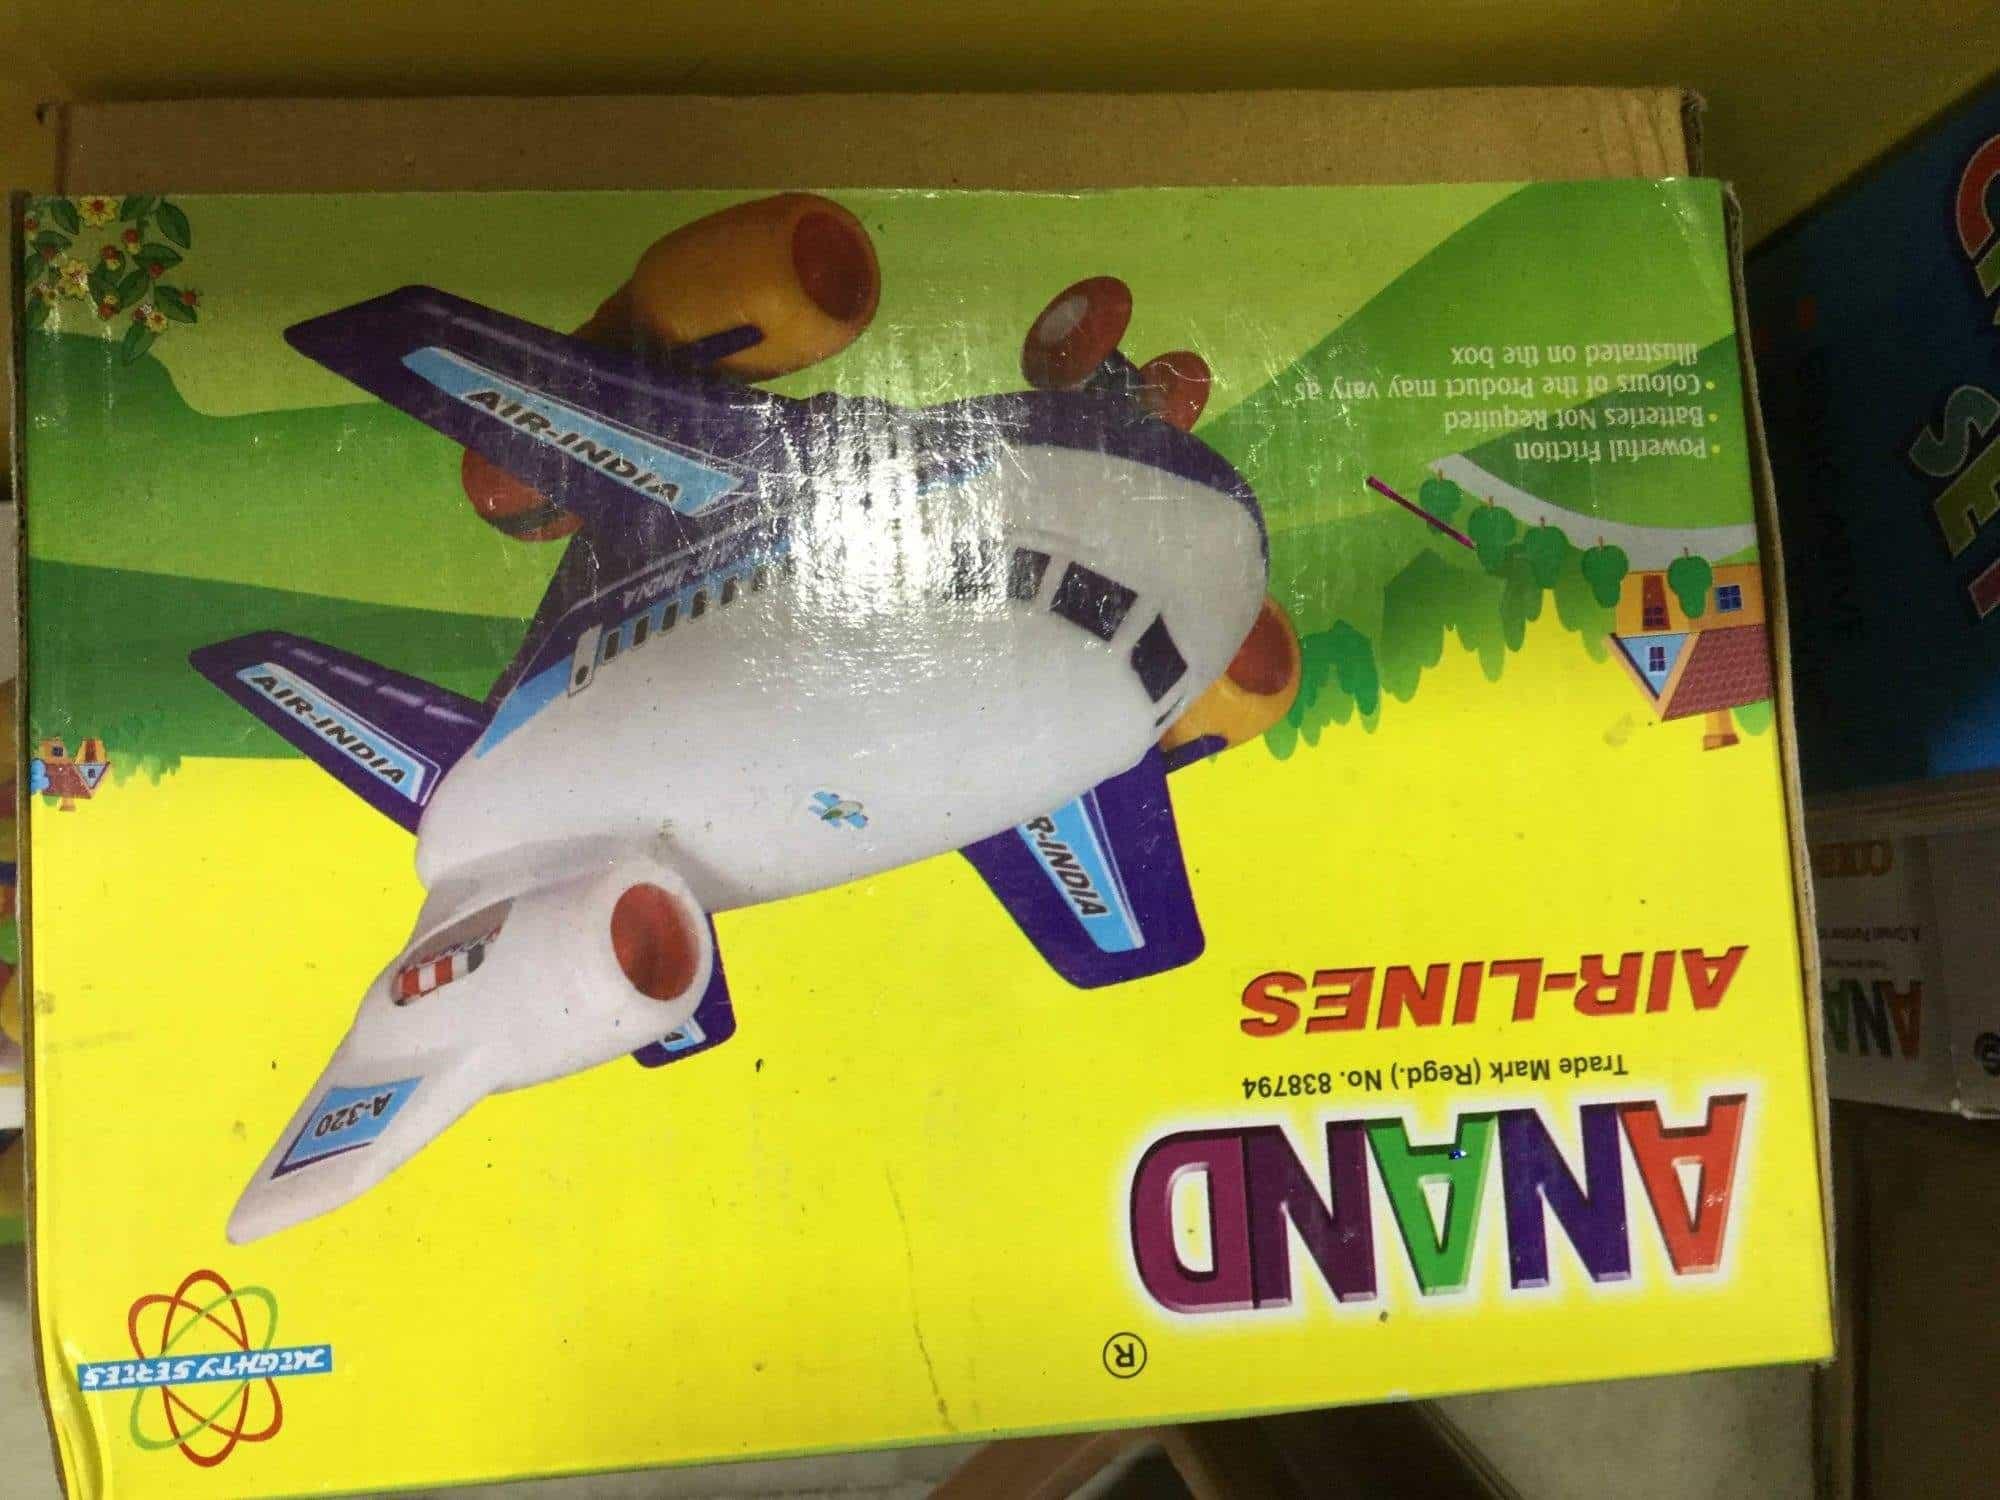 Gupta Toys, Laxmi Nagar - Toy Shops in Delhi - Justdial